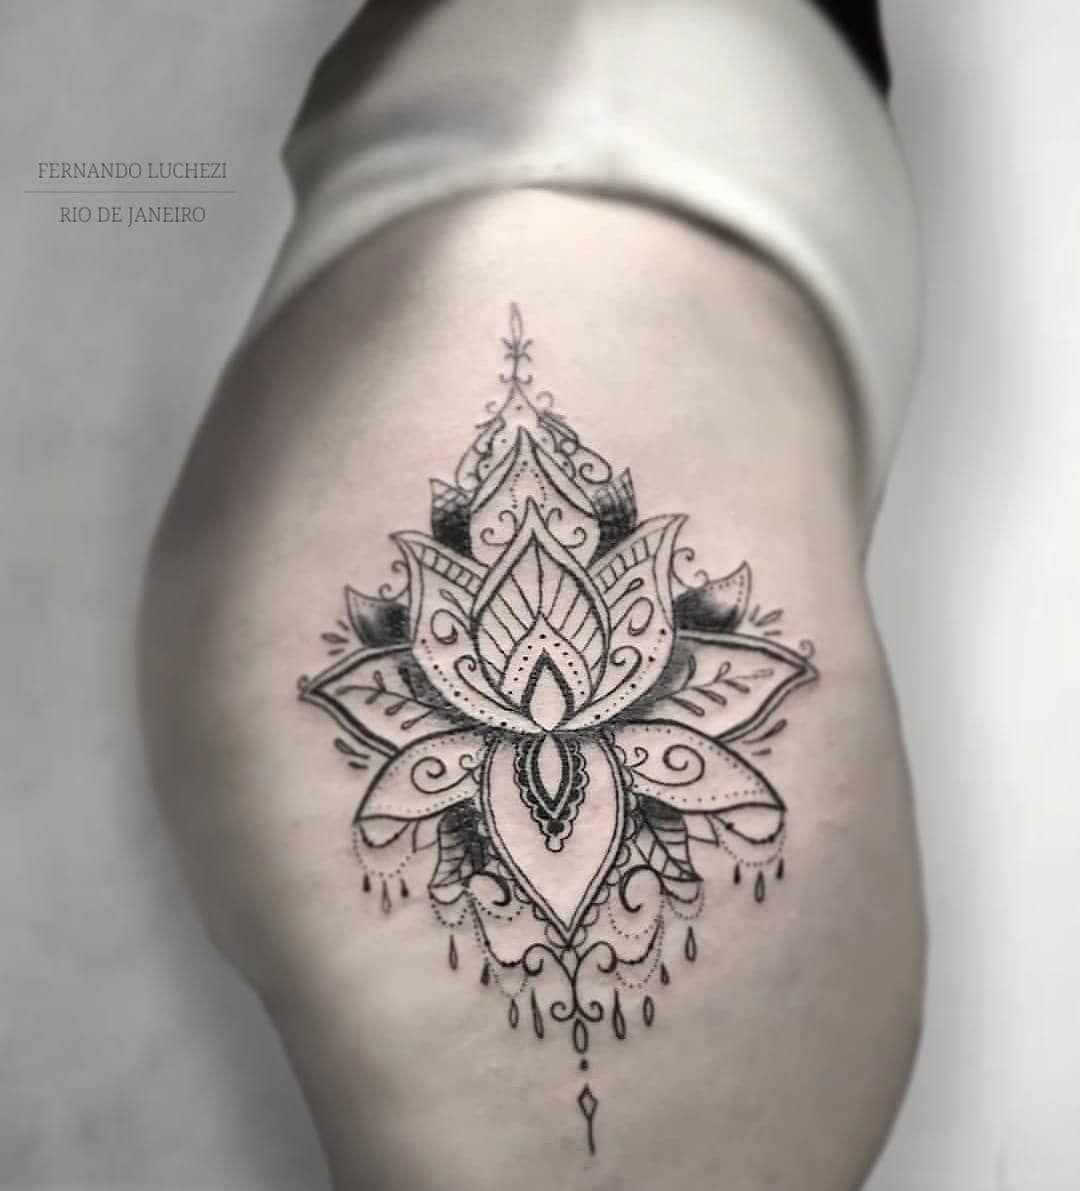 #tattoo #tattoo2me #tattoo2us #tattooing #tattooed #tattoodo #tattooart #tattooartist #tattoooftheday #tattoosofinstagram #ink #inked #saojoaodemeriti #riodejaneiro #rj #021